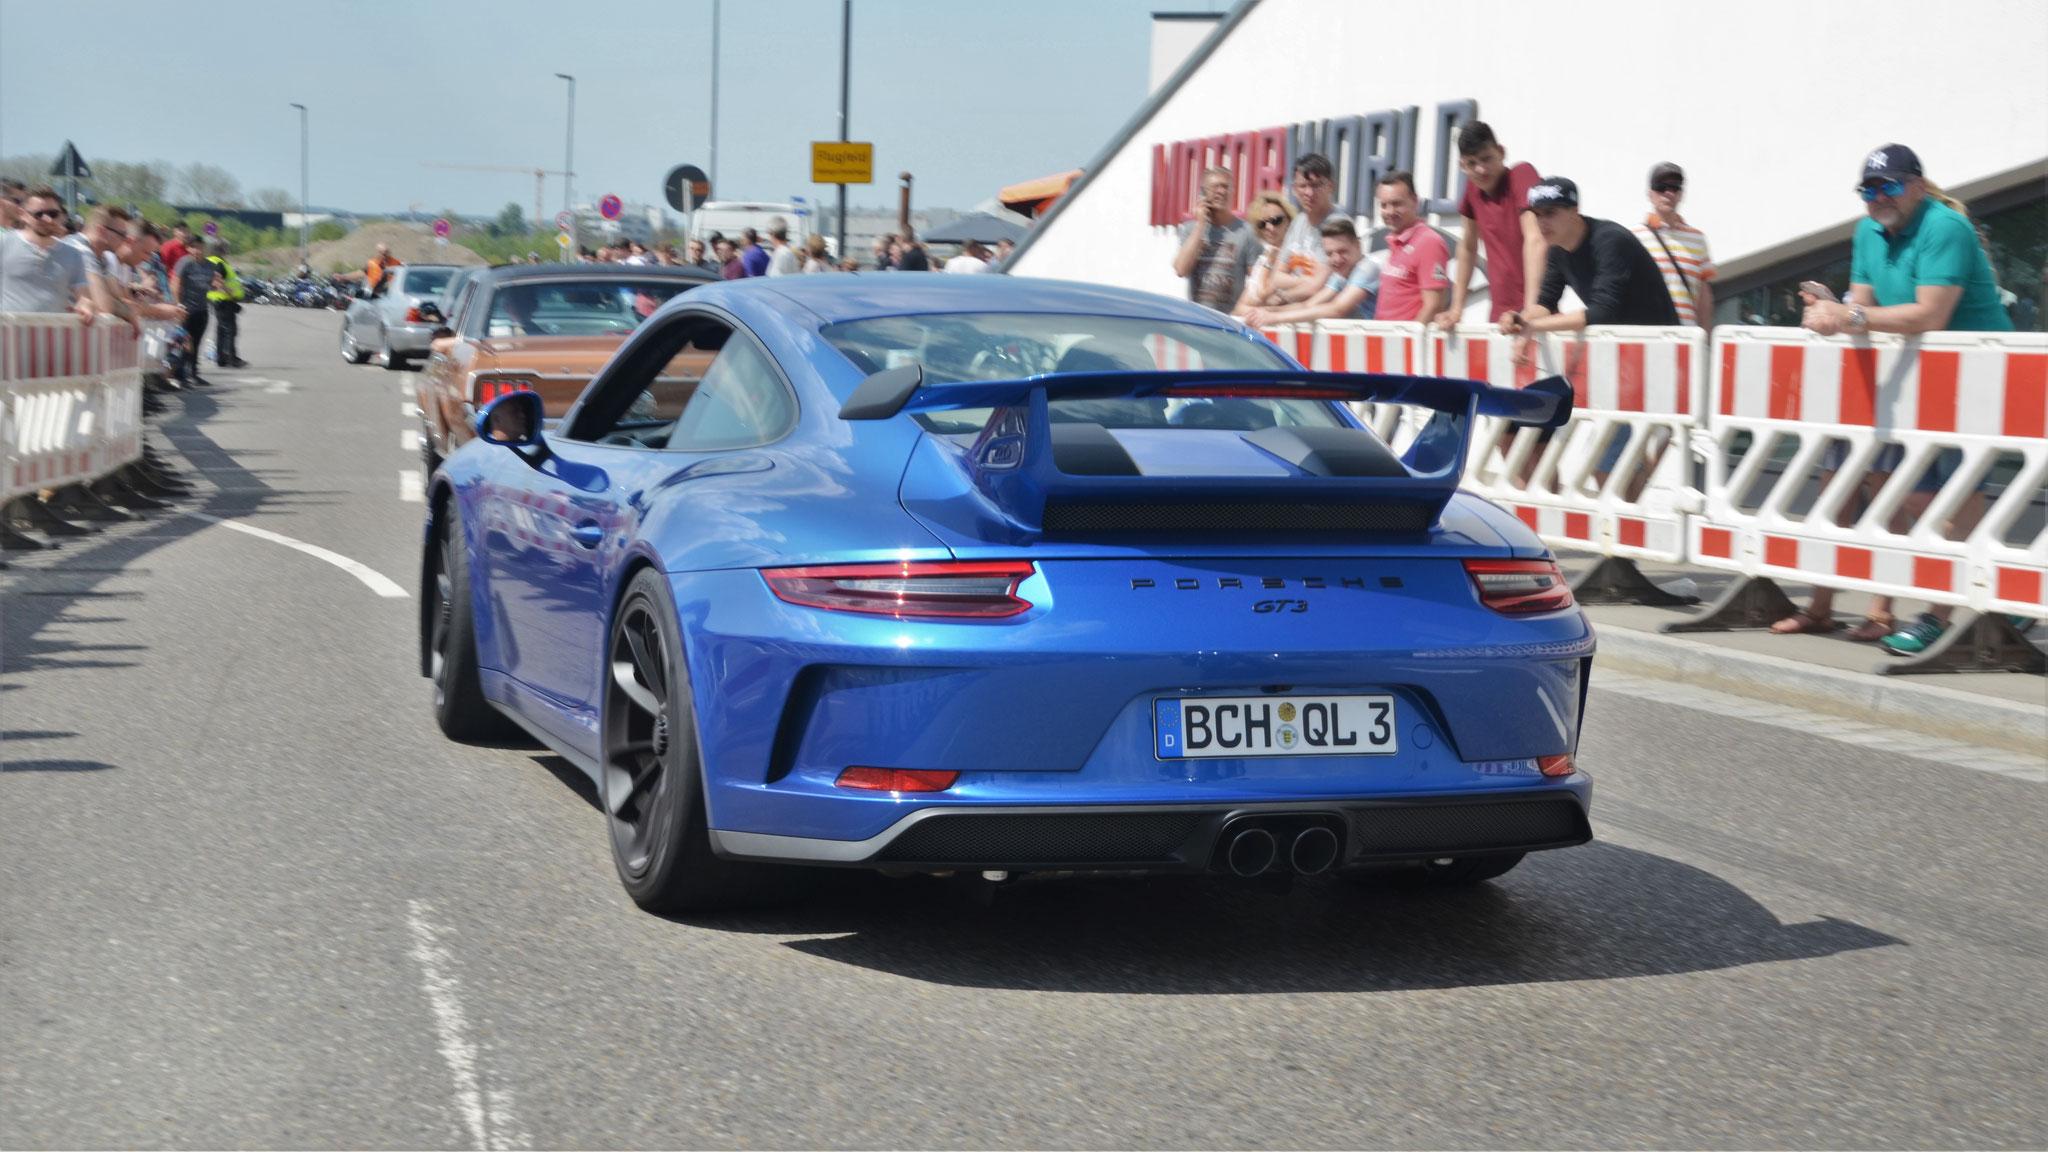 Porsche 991 GT3 - BCH-QL-3